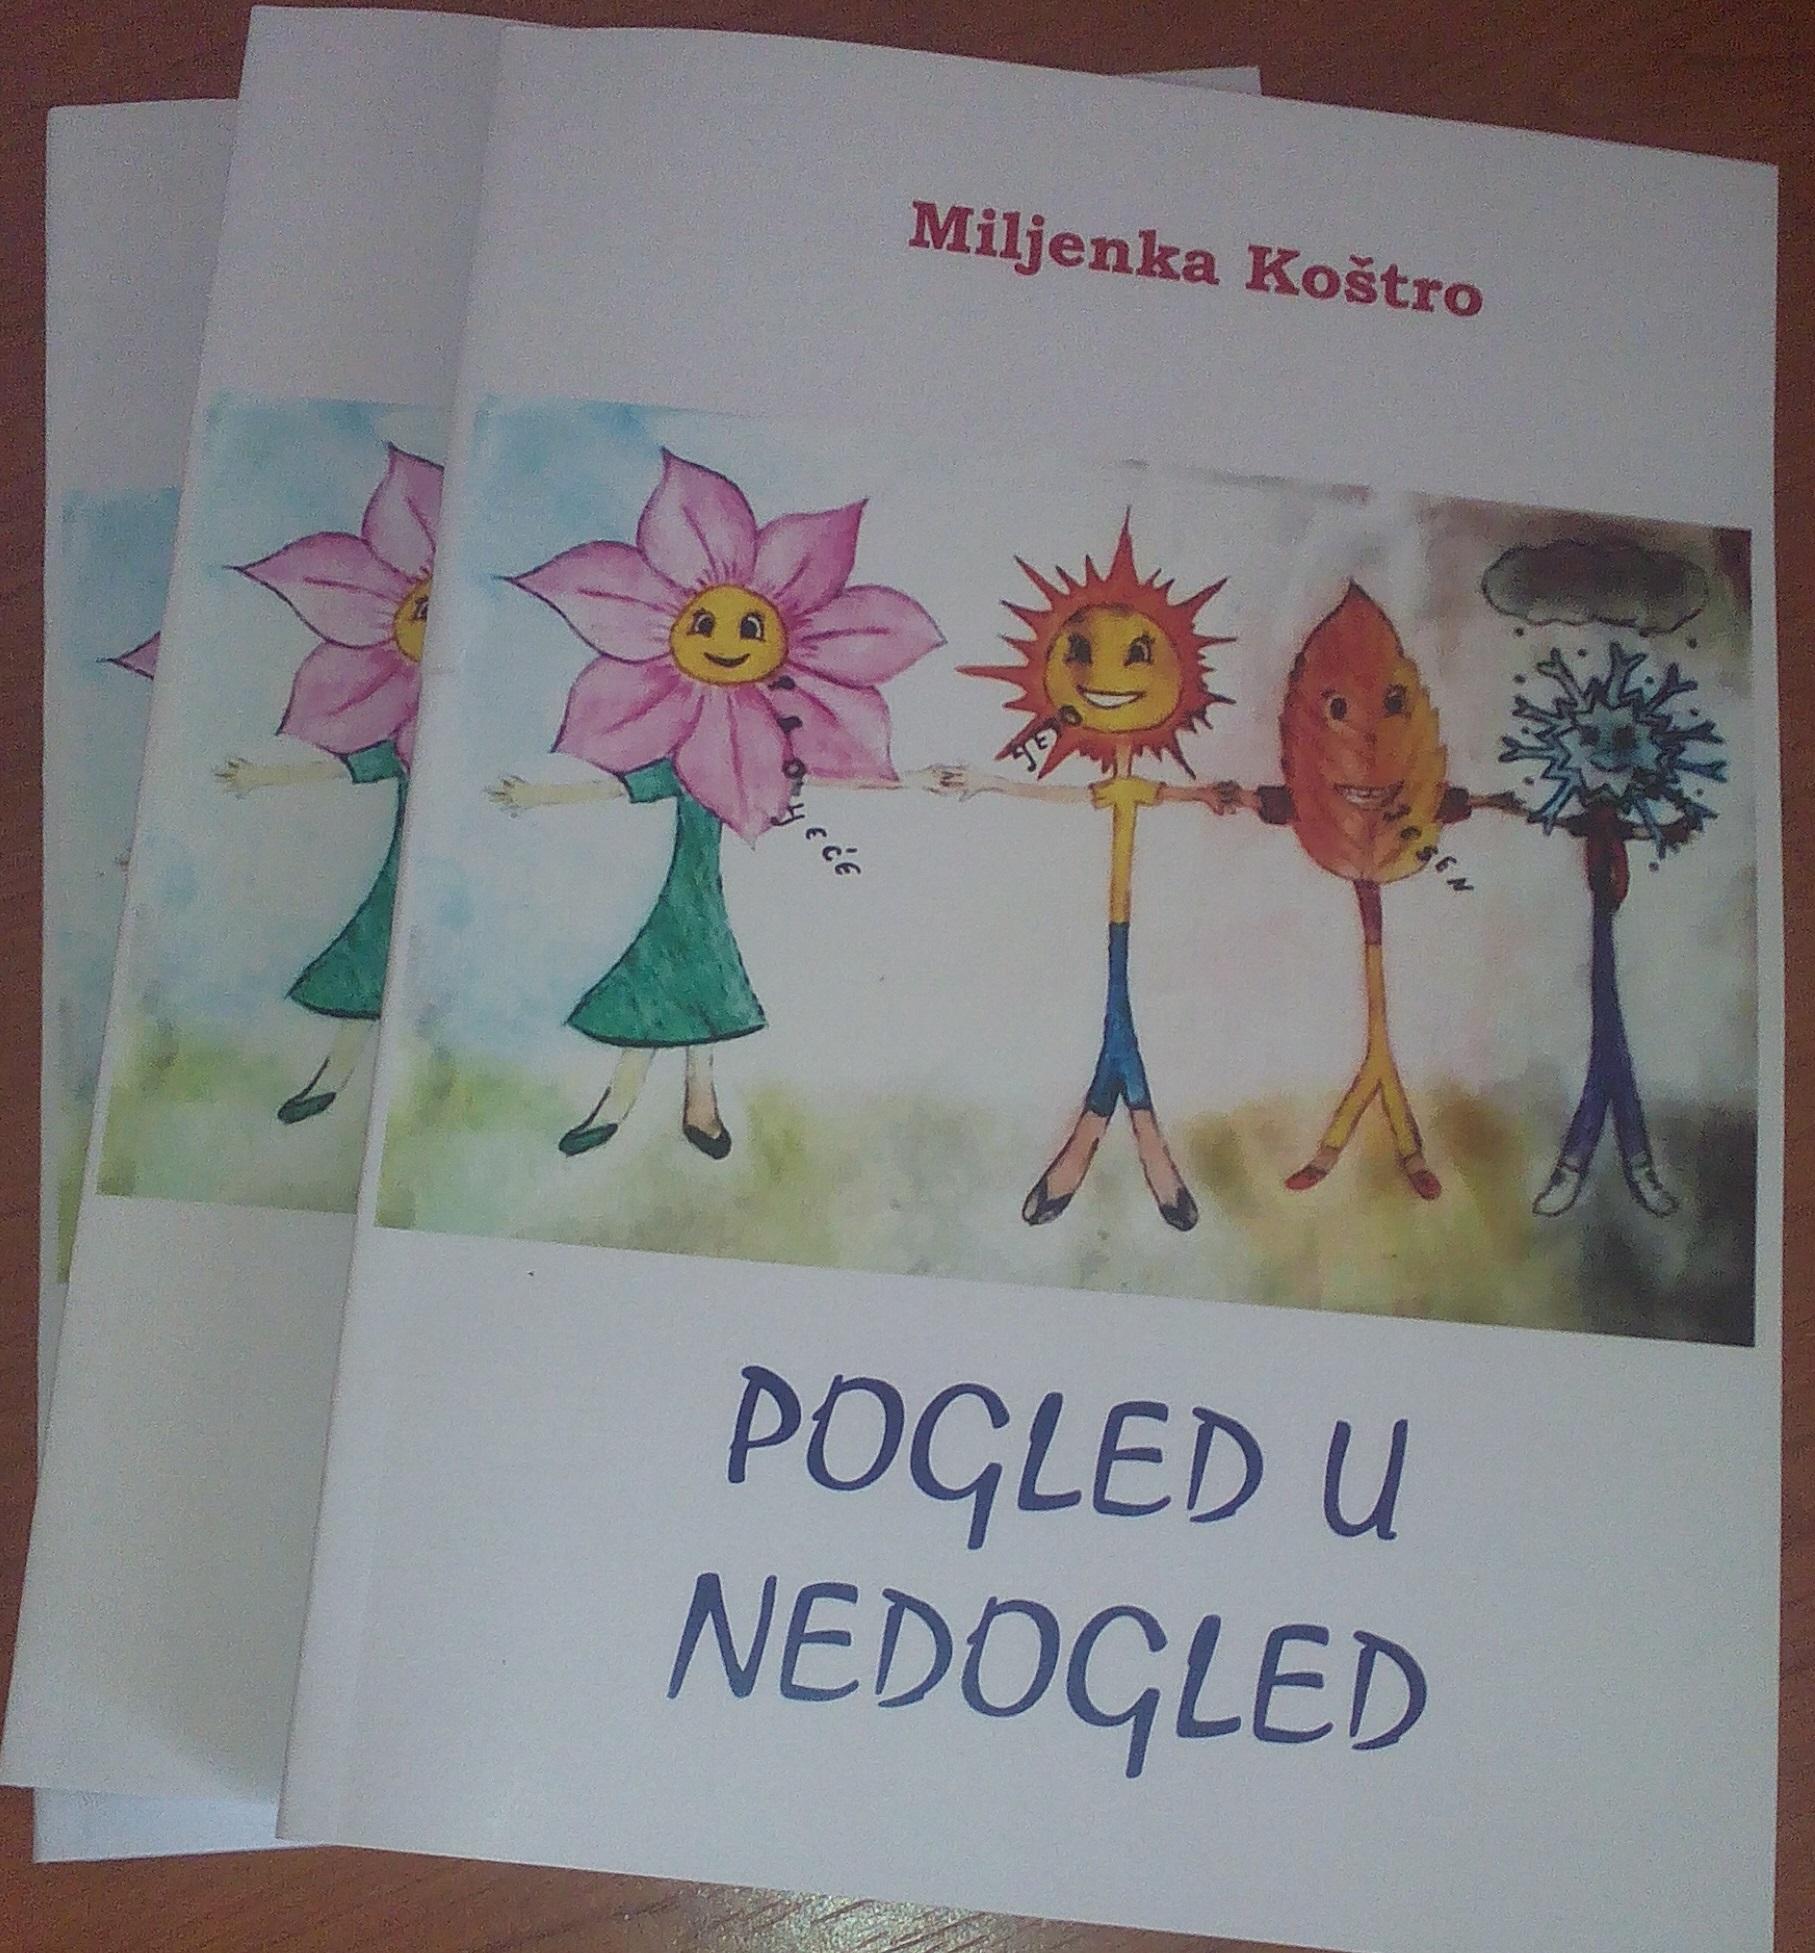 """Predstavljanje knjige """"Pogled u nedogled"""" Miljenke Koštro i izložba slika Branka Širića"""